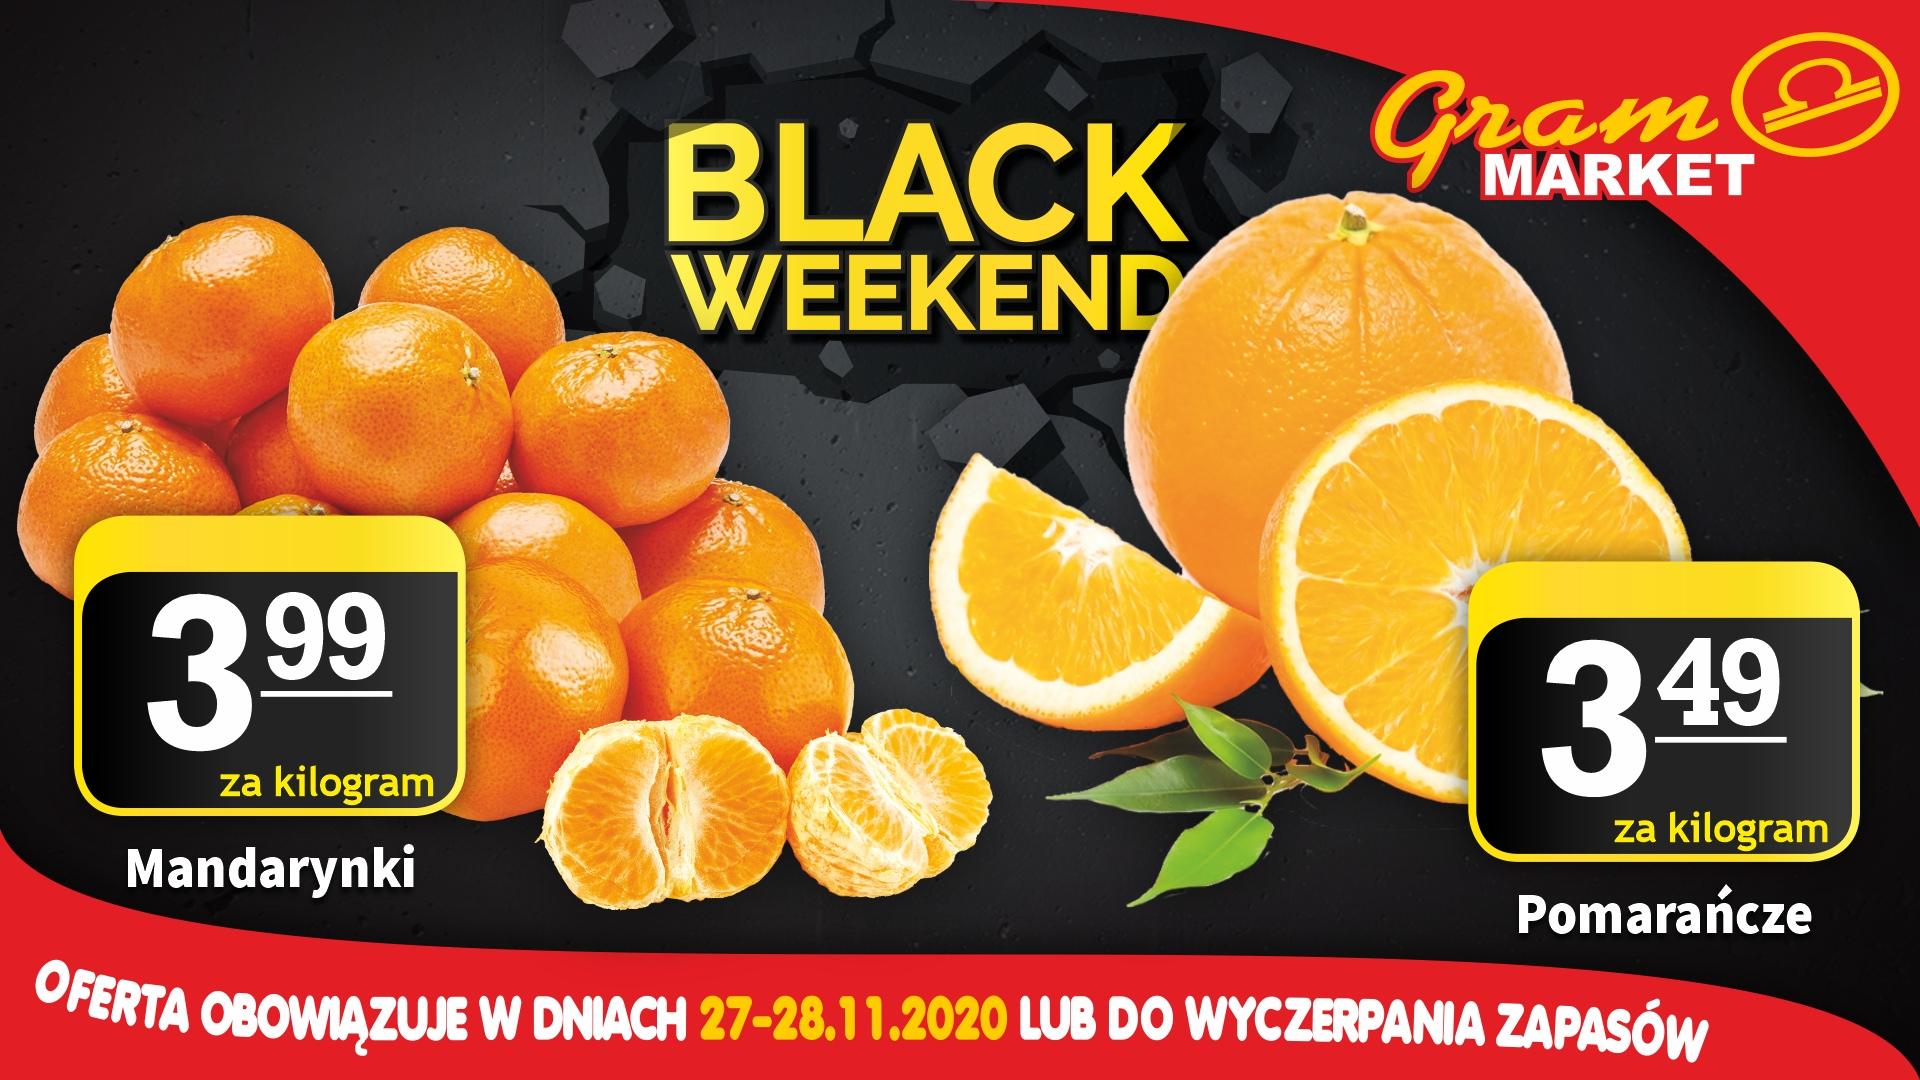 BLACK_WEEKEND-27-28.11.2020-3